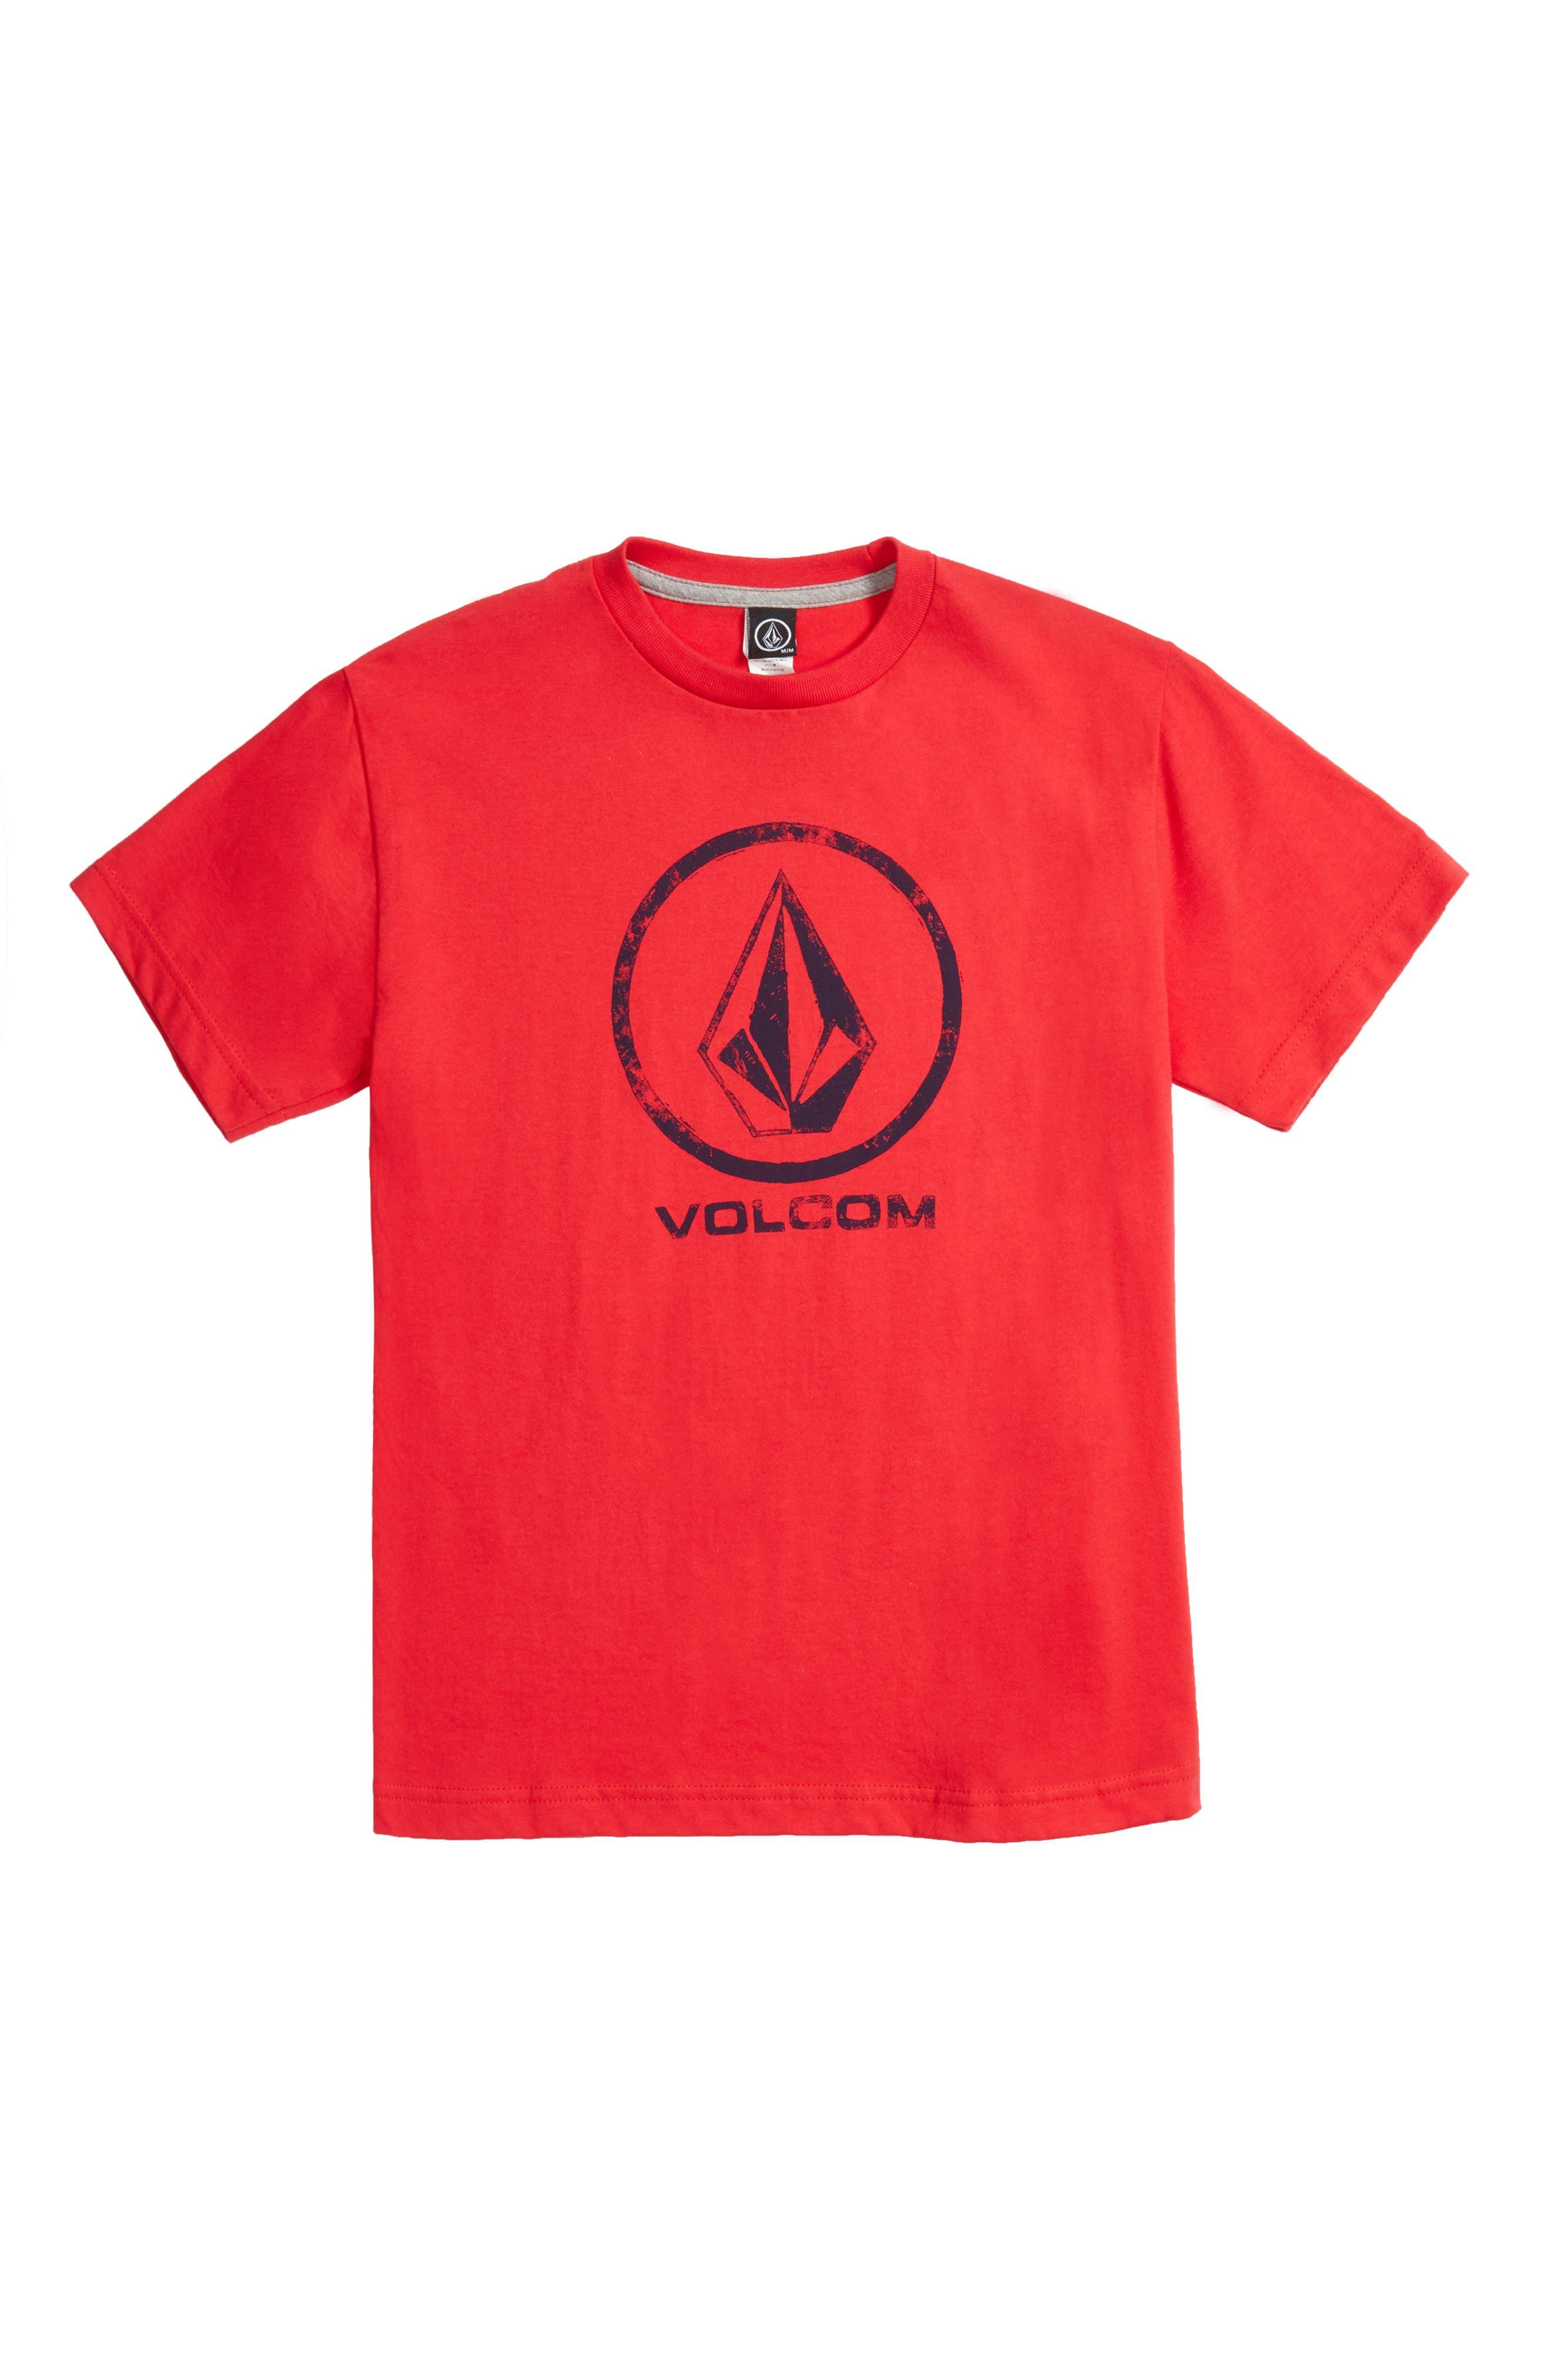 Volcom Lino Stone Graphic T-Shirt (Big Boys)